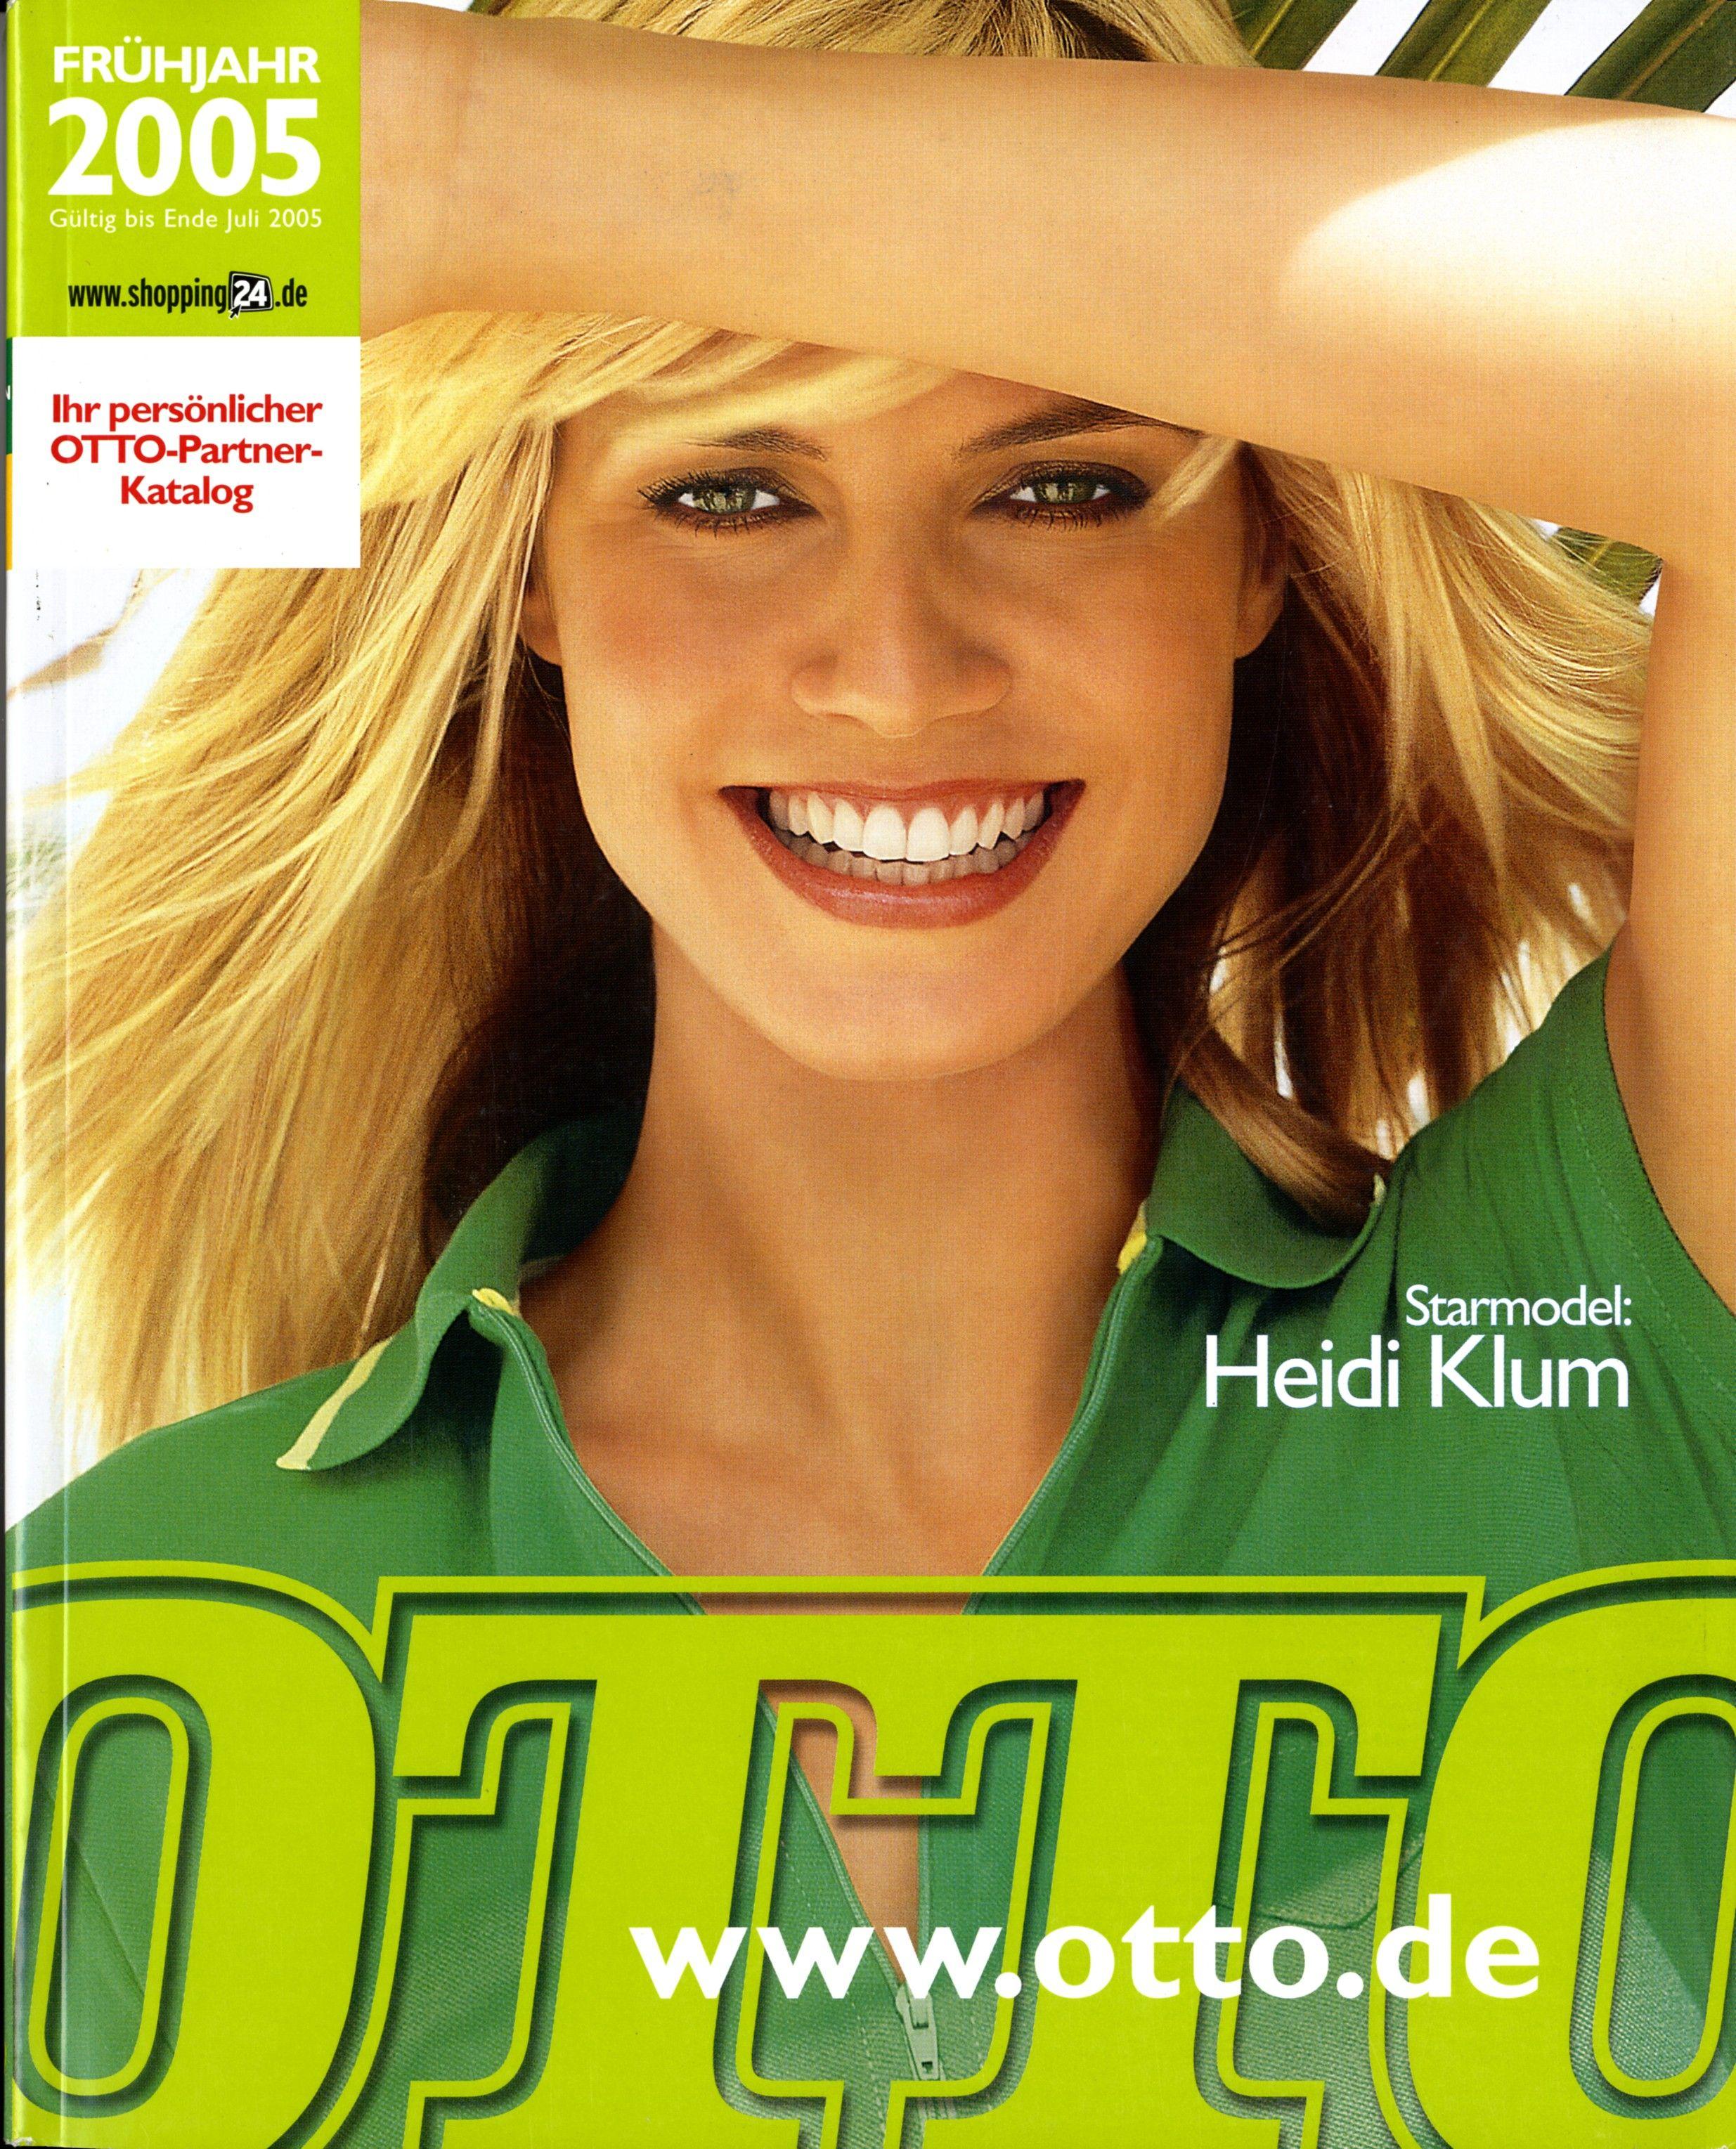 ungleich in der Leistung begrenzte garantie der Verkauf von Schuhen Katalogcover Frühjahr 2005. Zum zweiten Mal ziert Heidi Klum ...